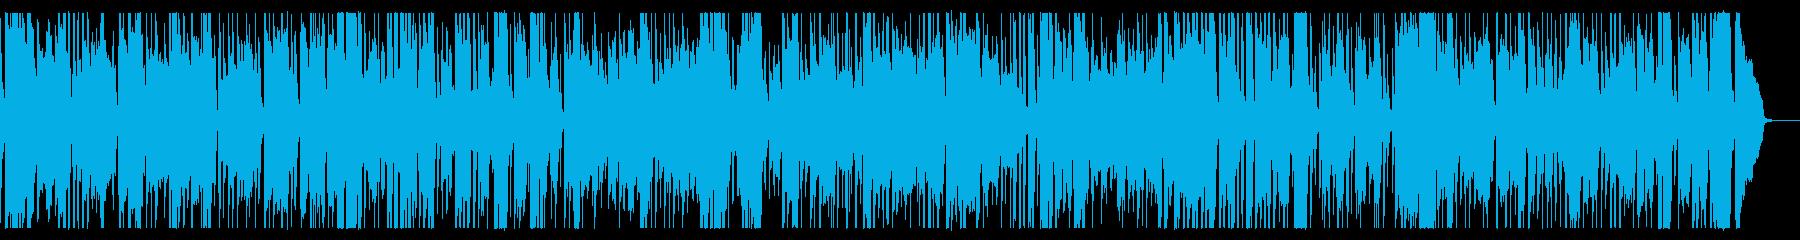 生演奏・豪華ジャズビッグバンド大人BGMの再生済みの波形